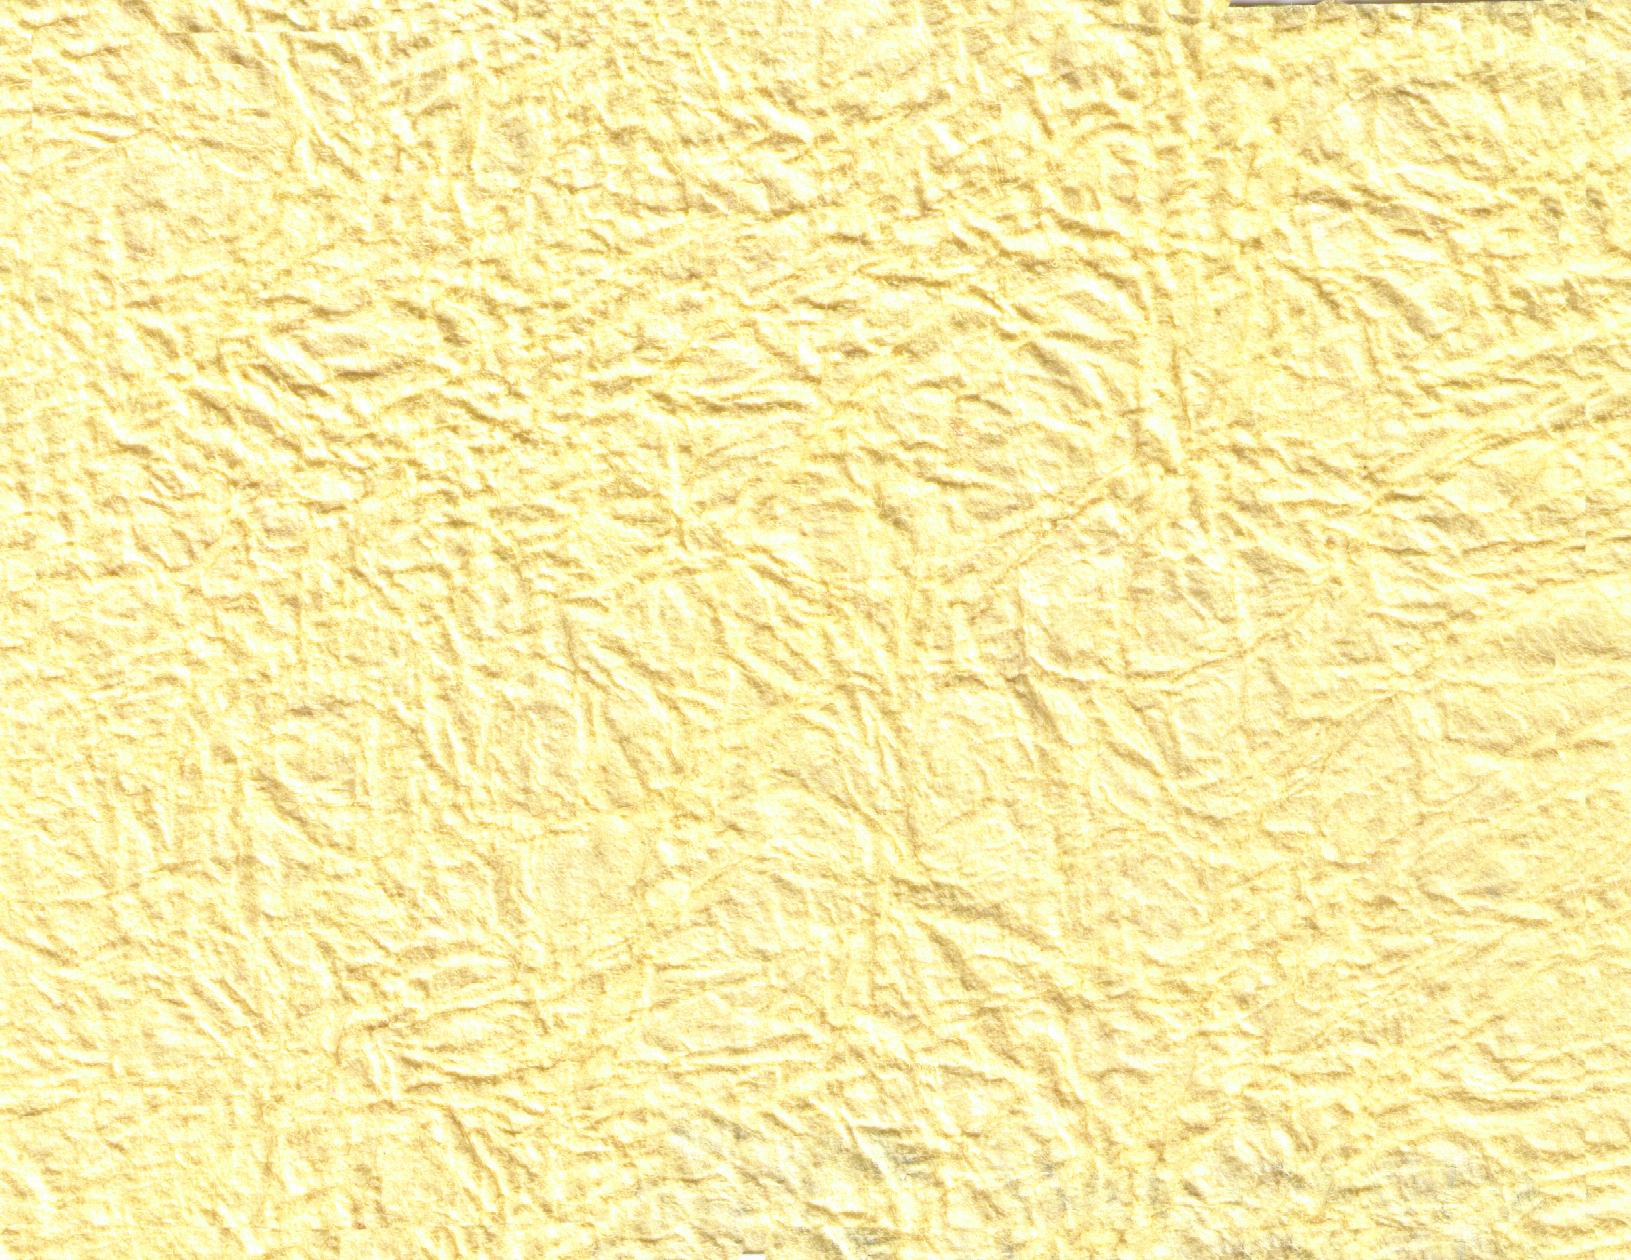 Paper Sample 387 (1600 x 1200)